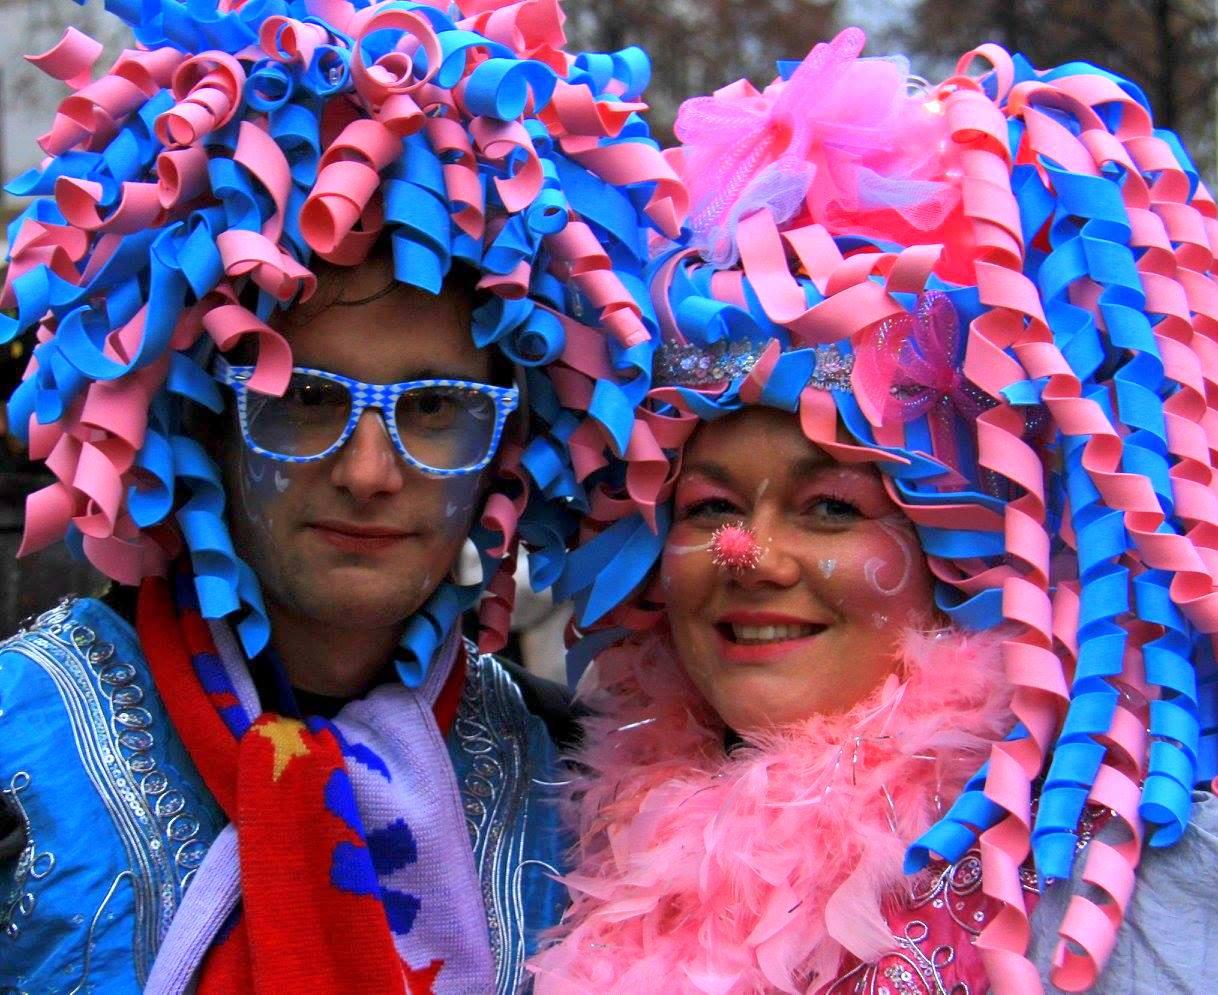 Cologne carnival costume